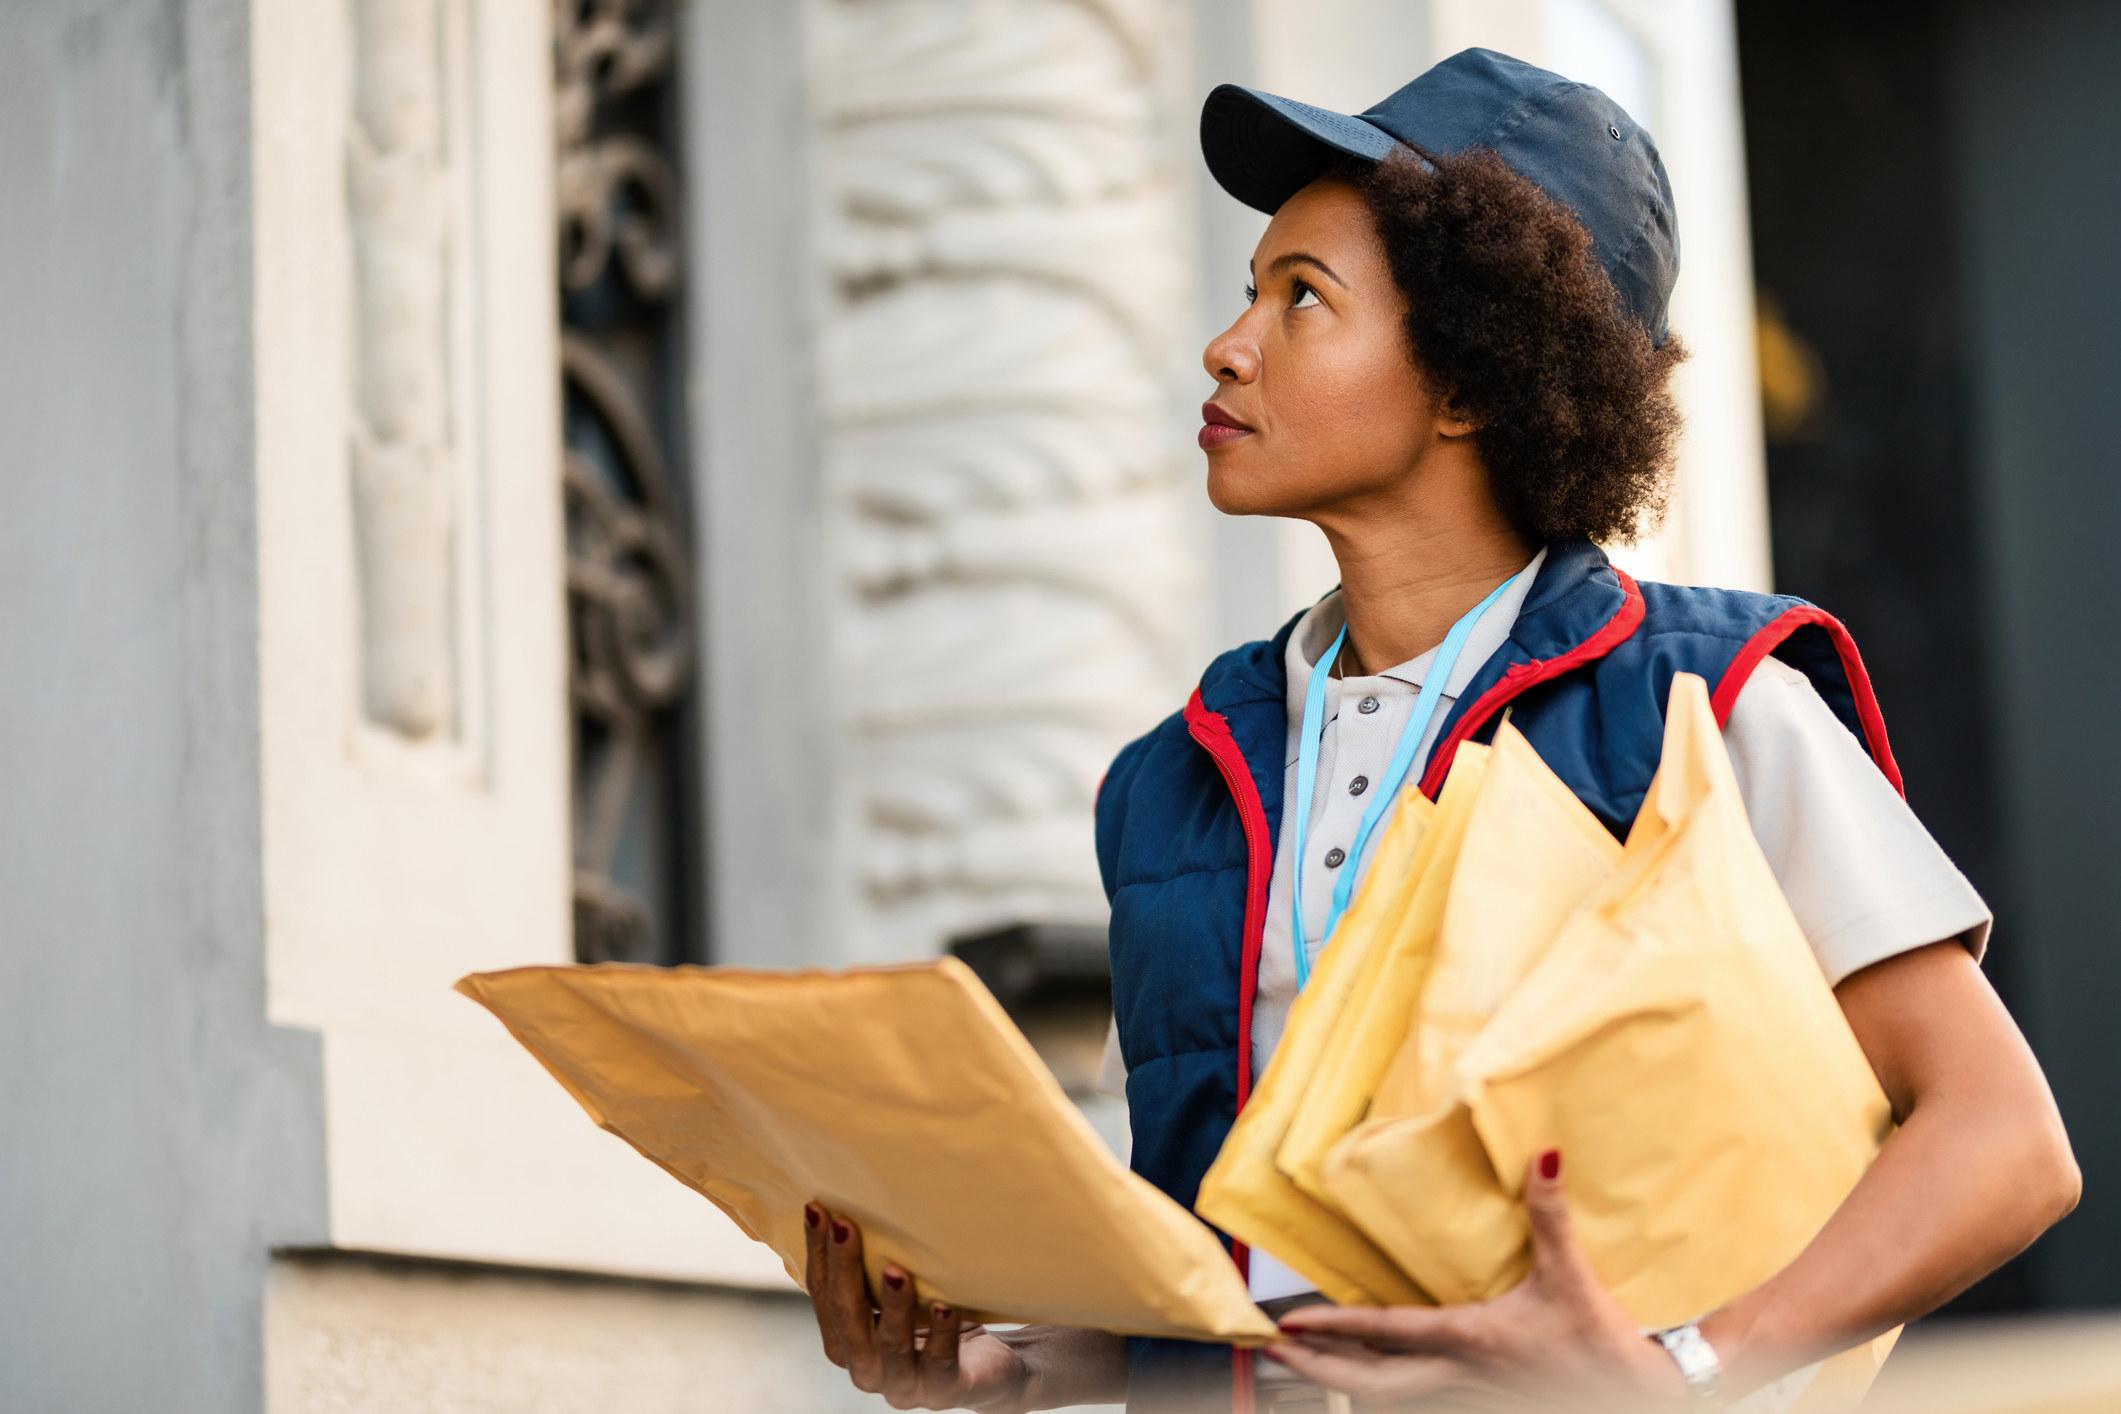 A mail deliverer